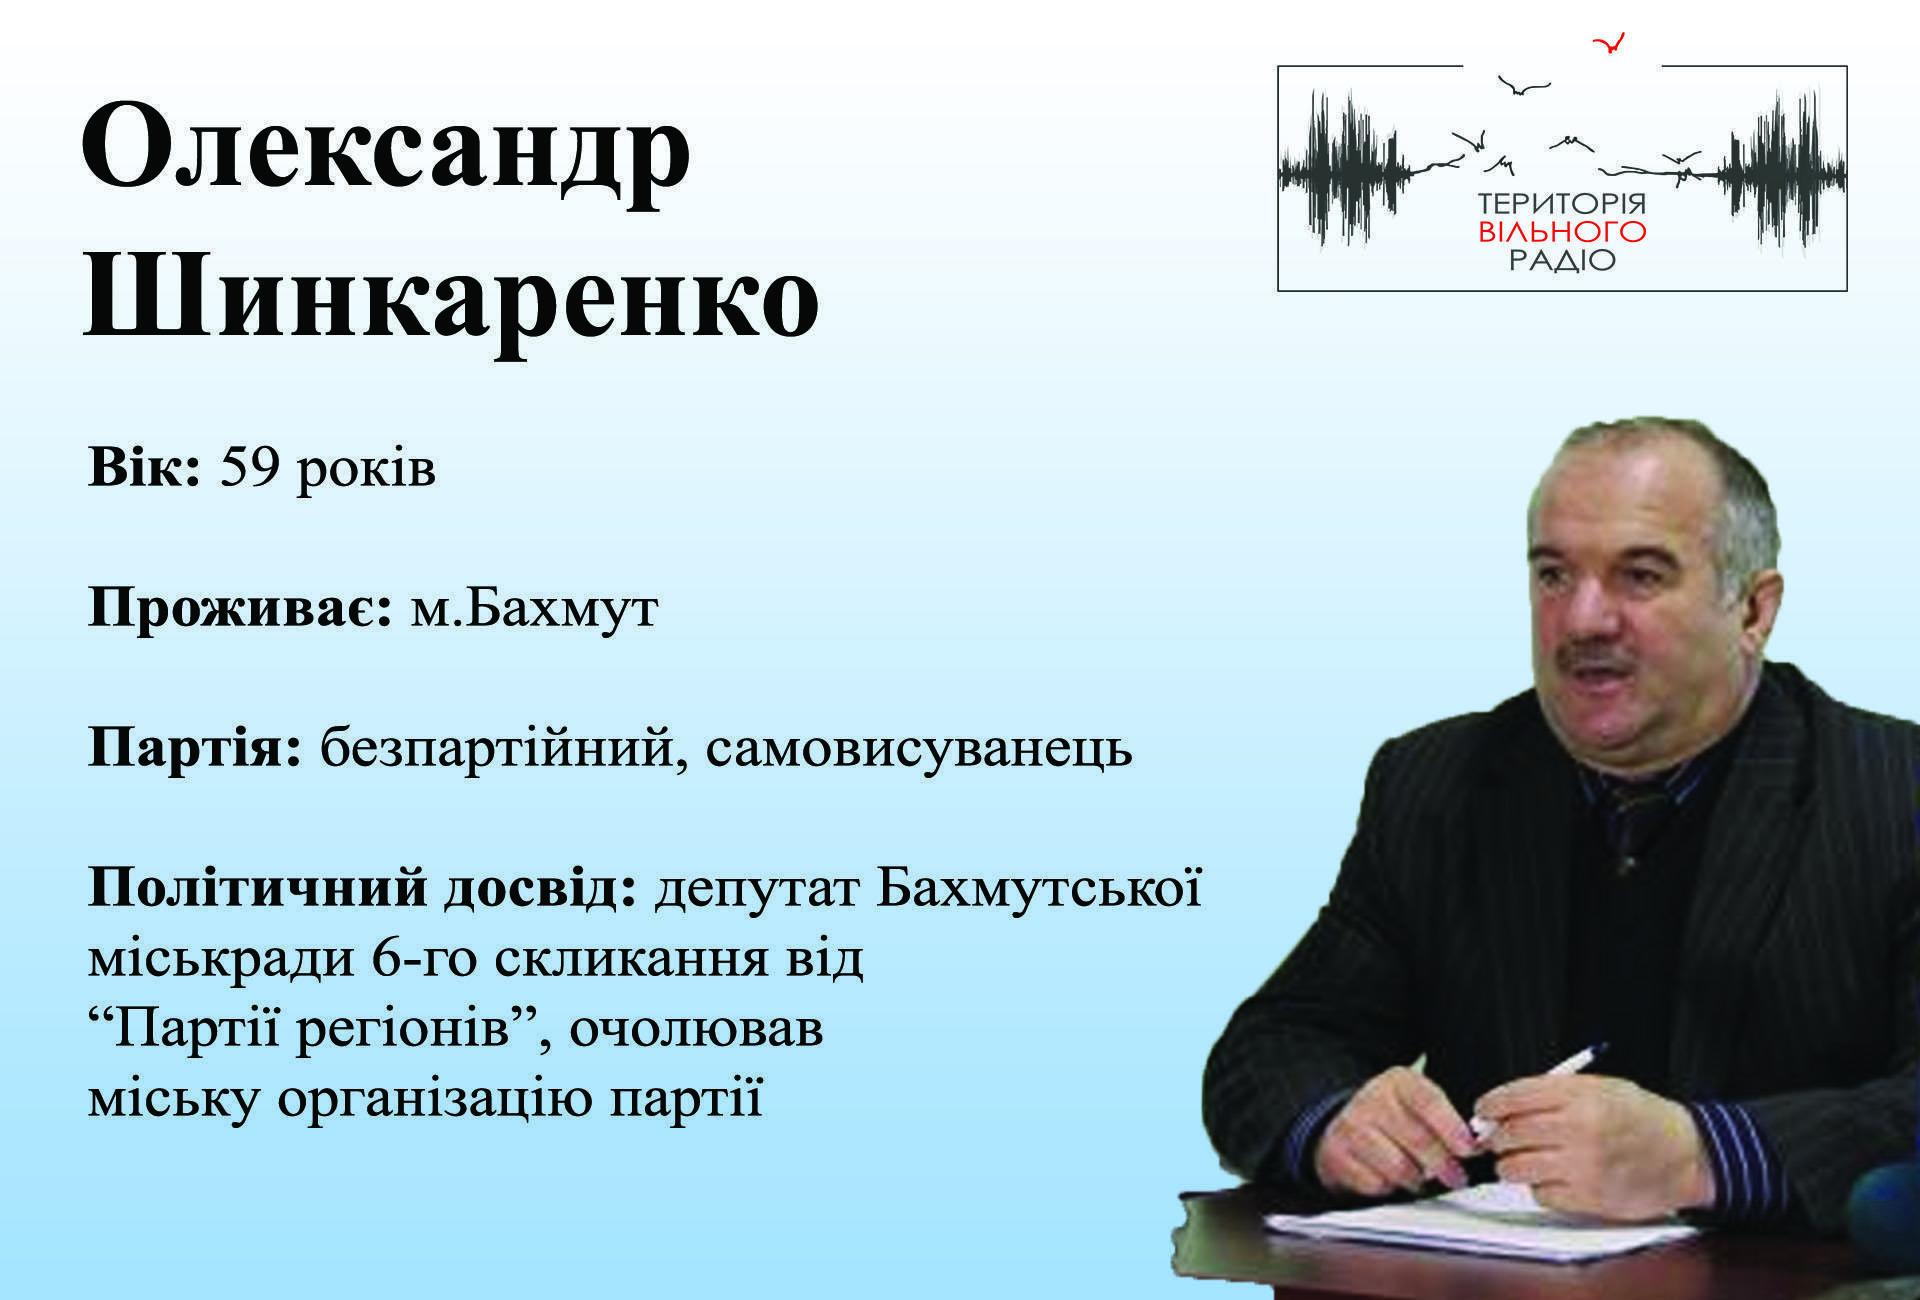 Александр Шинкаренко Бахмут 46 избирательный округ